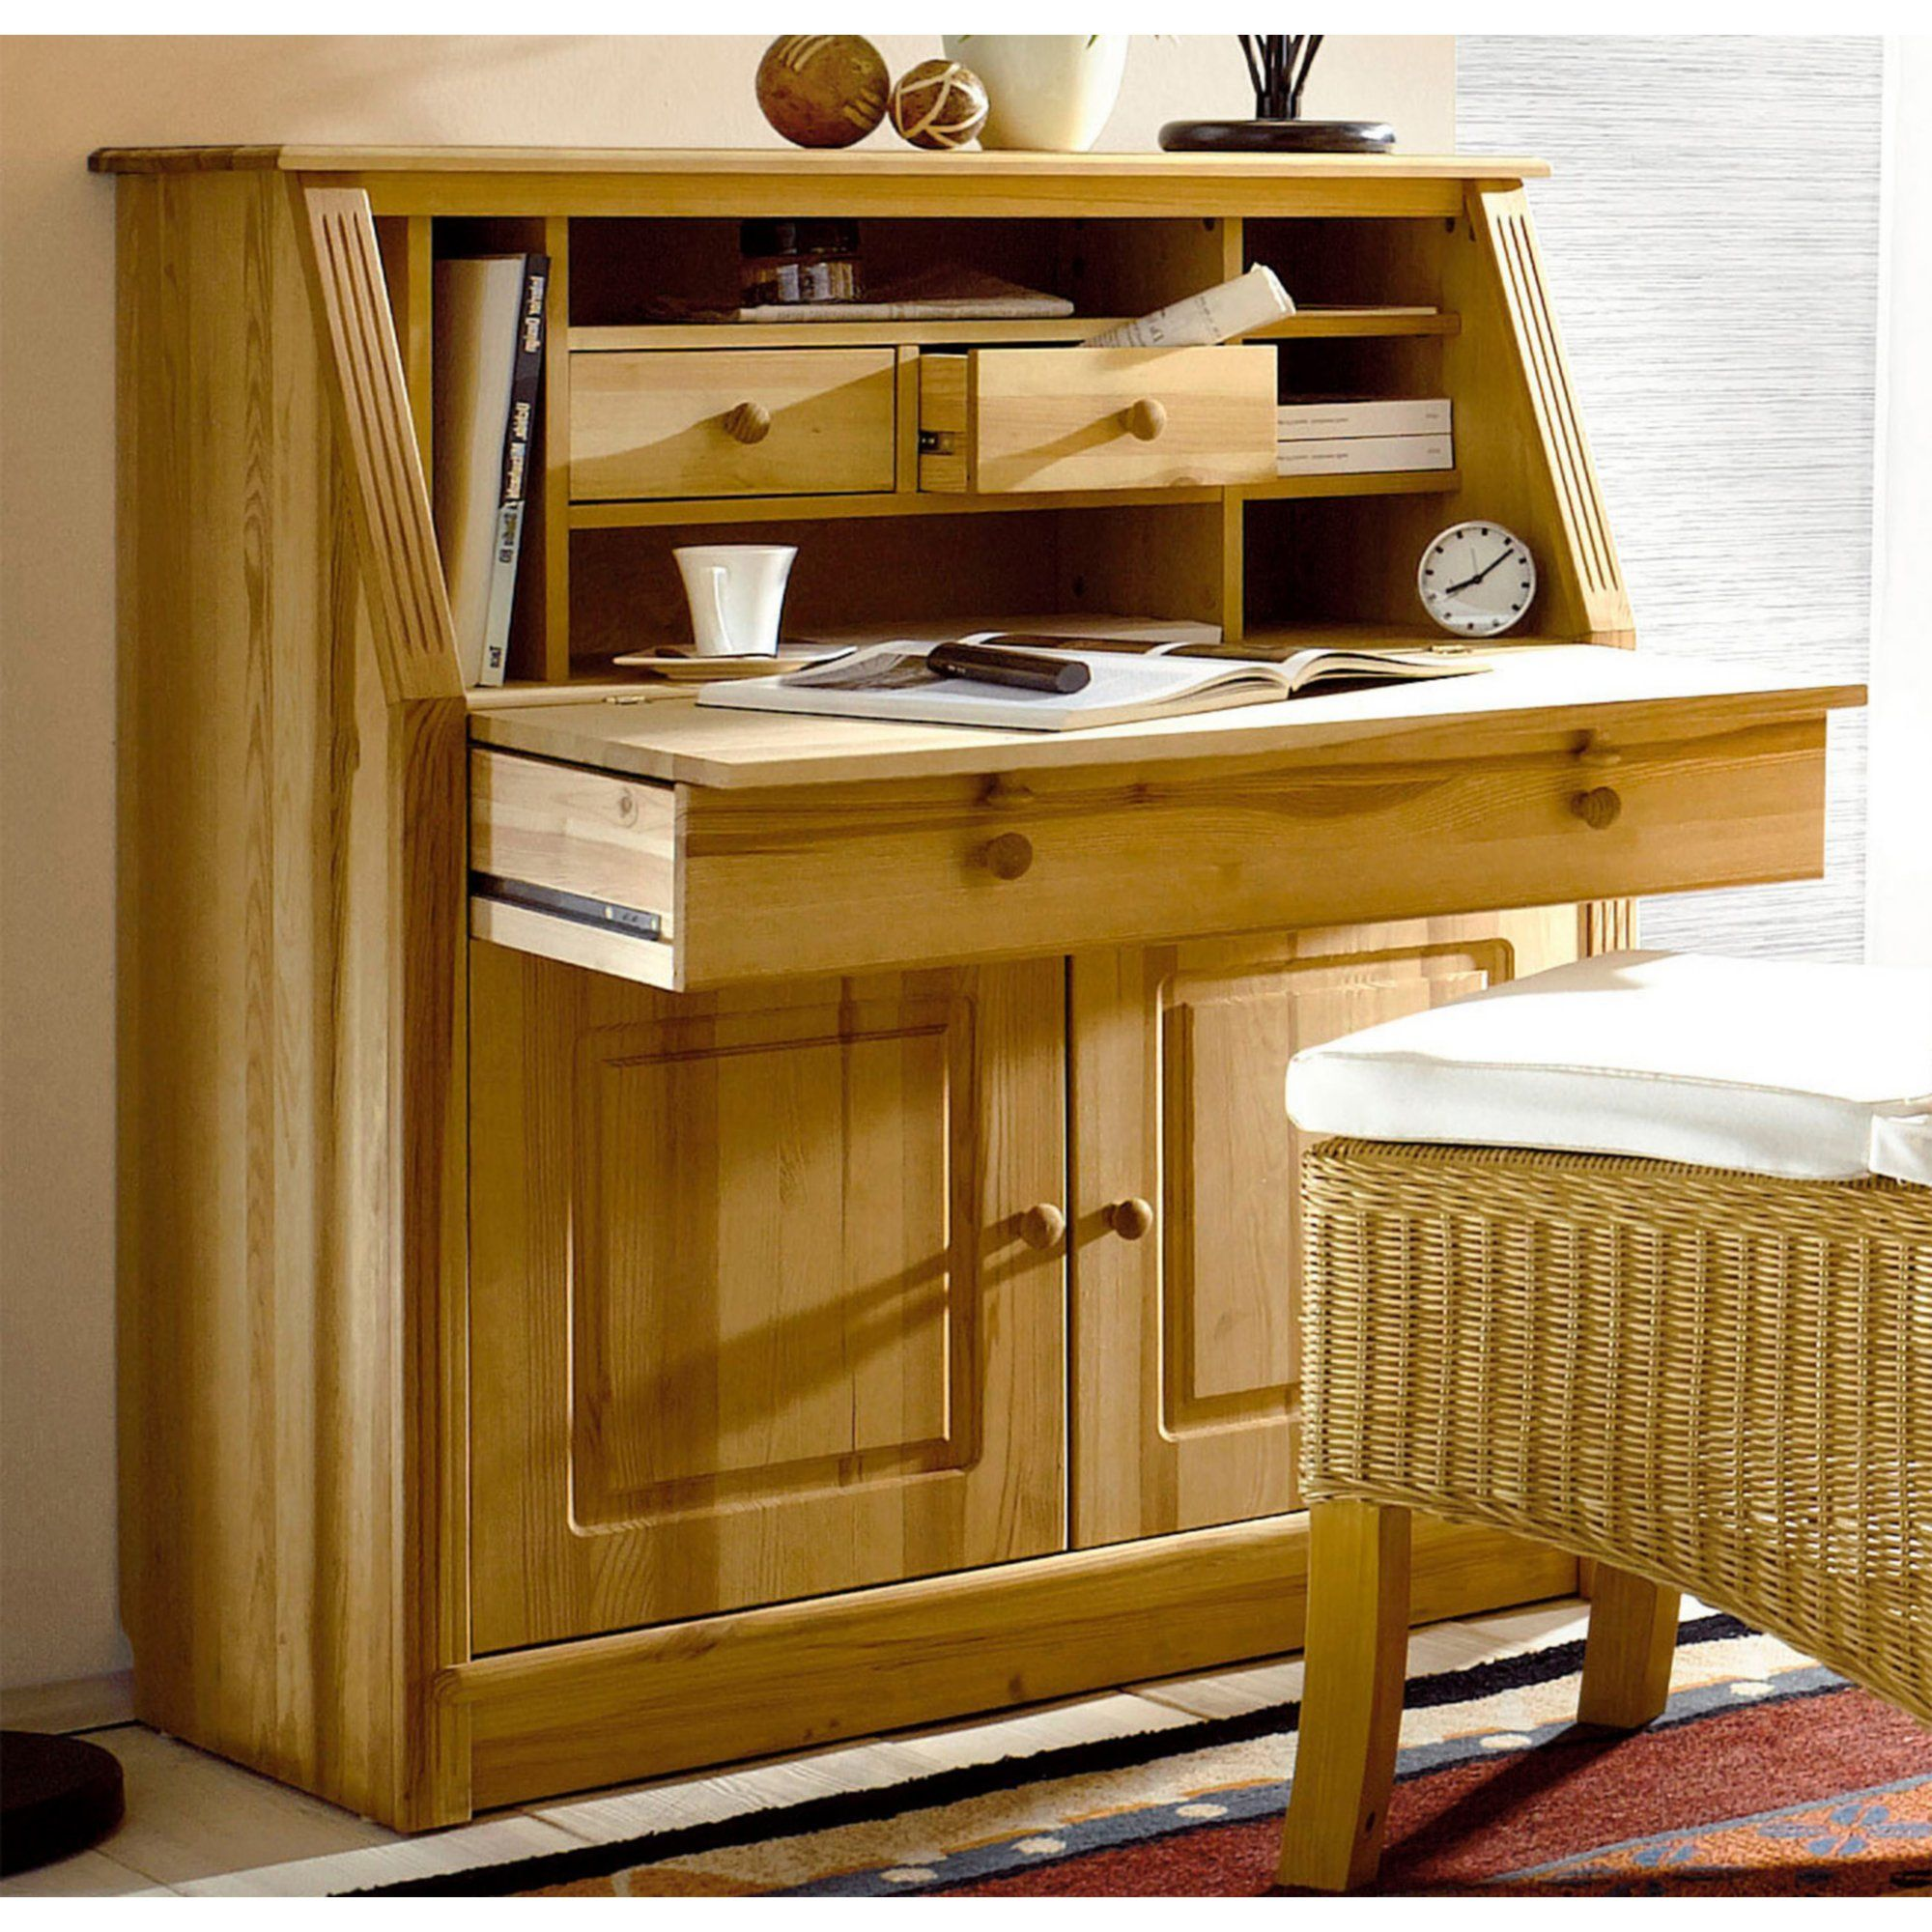 bureau secr taire en pin massif home affaire un charmant secr taire qui affiche un style. Black Bedroom Furniture Sets. Home Design Ideas